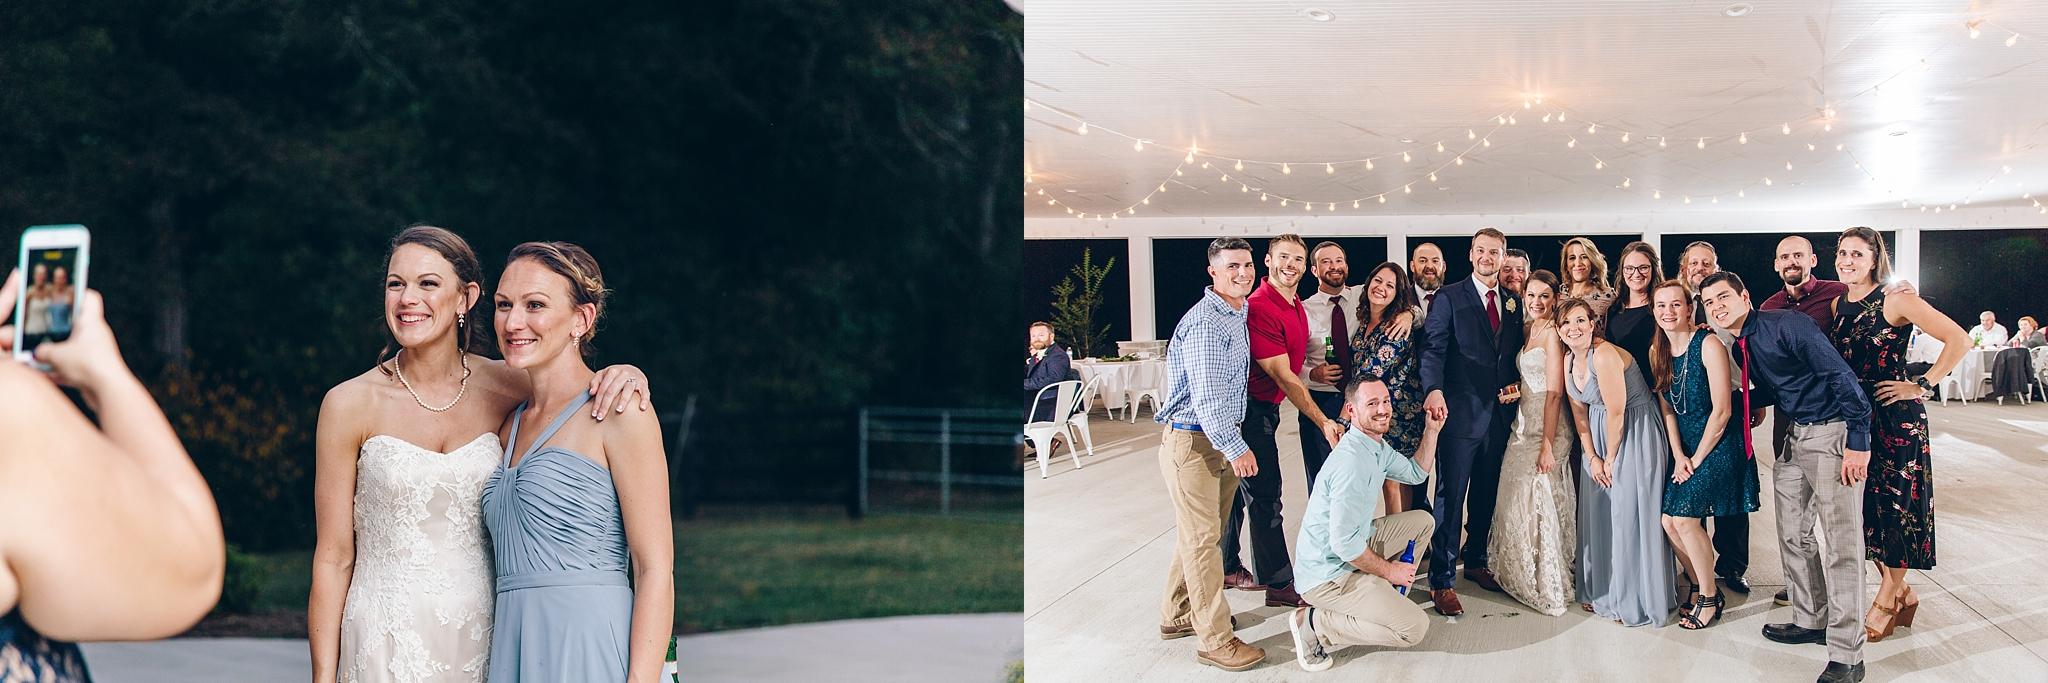 buckeye-farm-virginia-wedding_0679.jpg